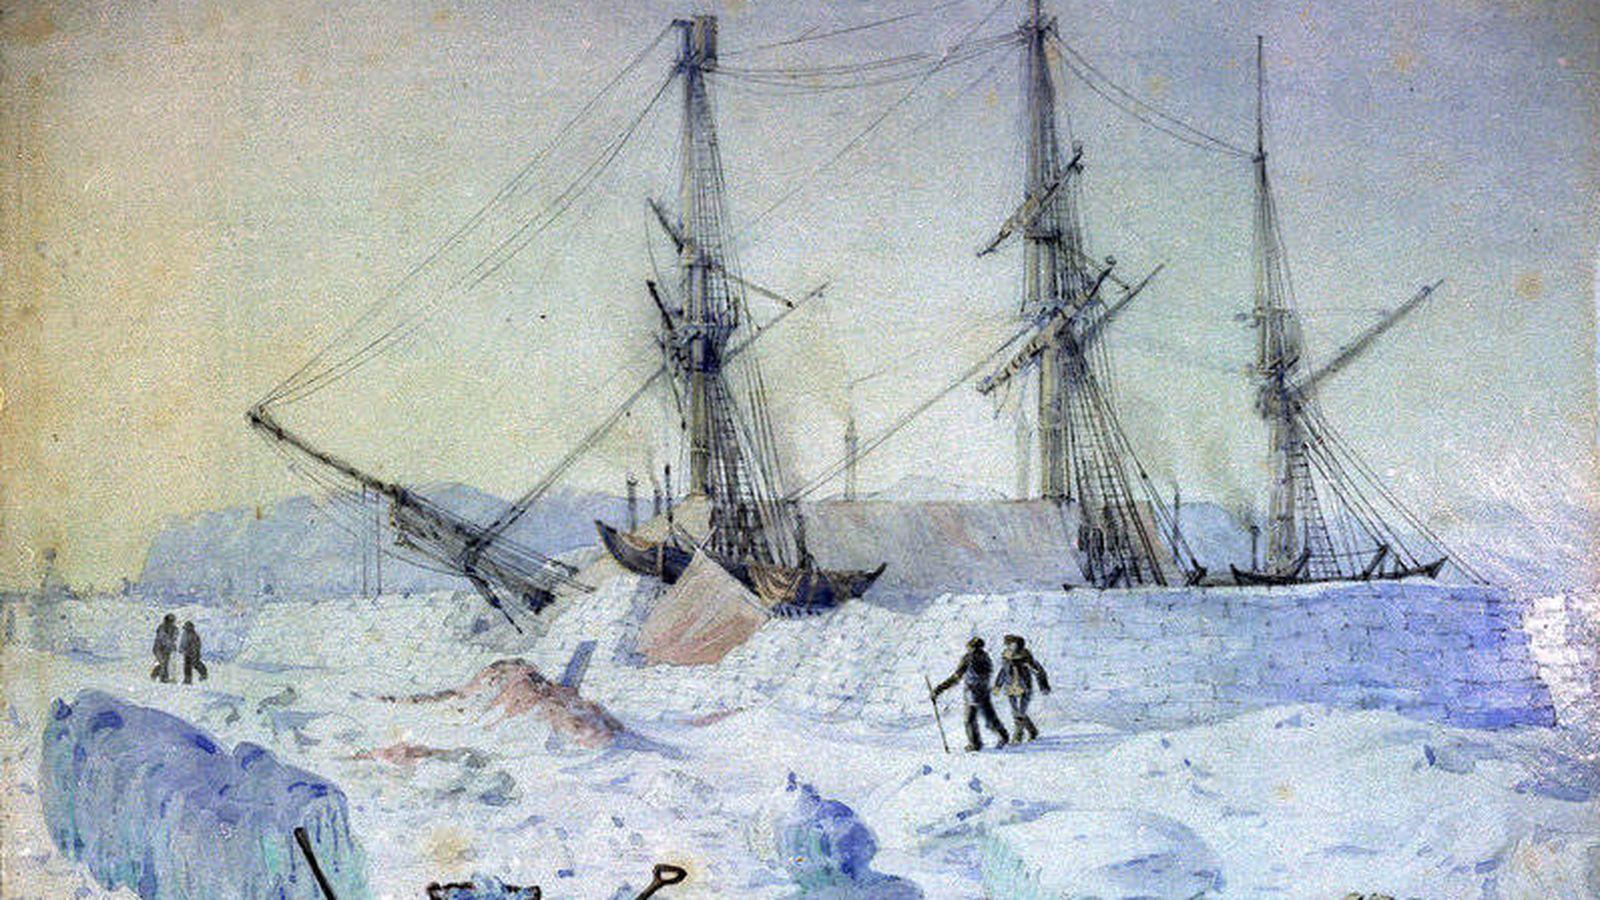 Foto: El barco HMS Terror atrapado en el hielo. (Wikimedia Commons)